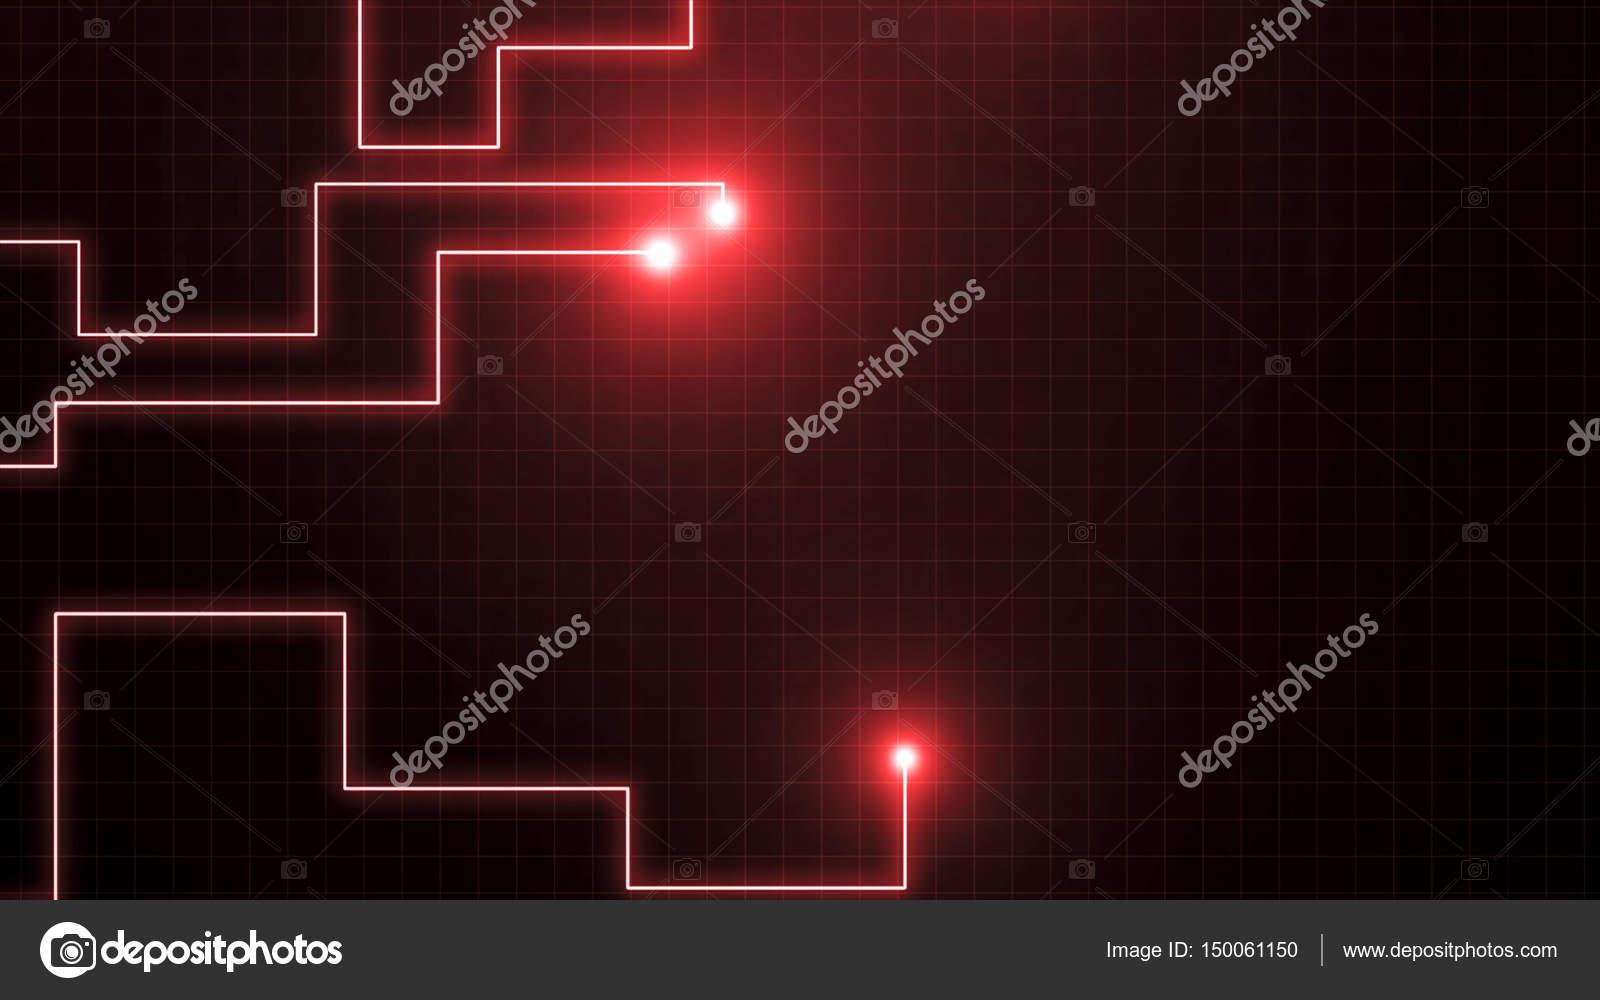 Rote Linien gezeichnet von Lichtblicke. Es kann darstellen ...